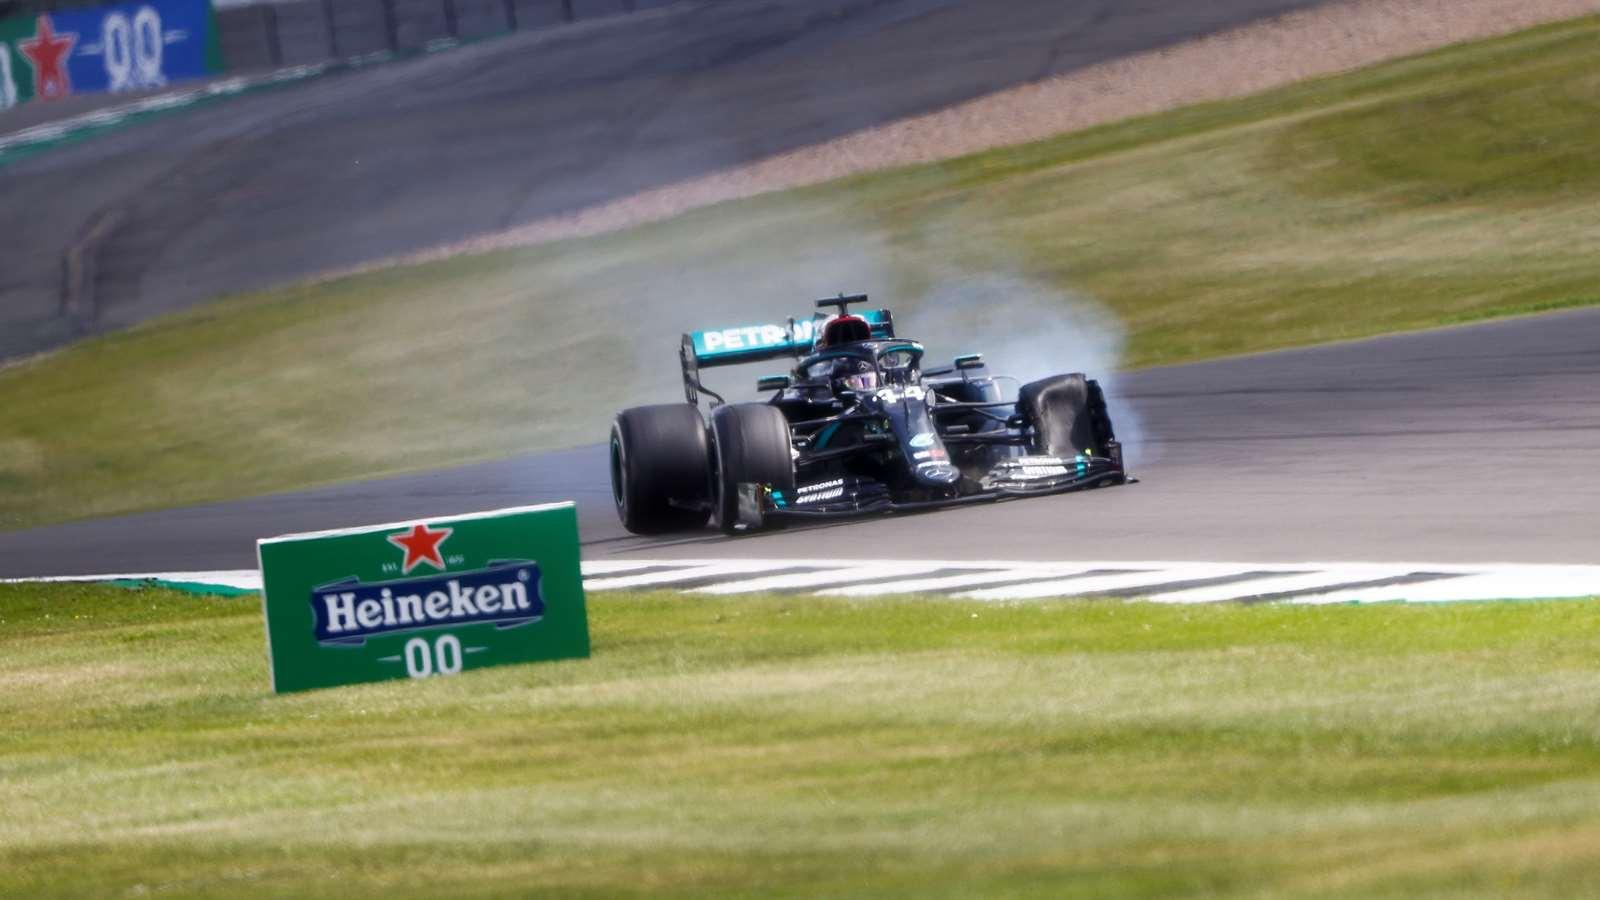 2020 F1 British Grand Prix Hamilton's Mercedes punctures